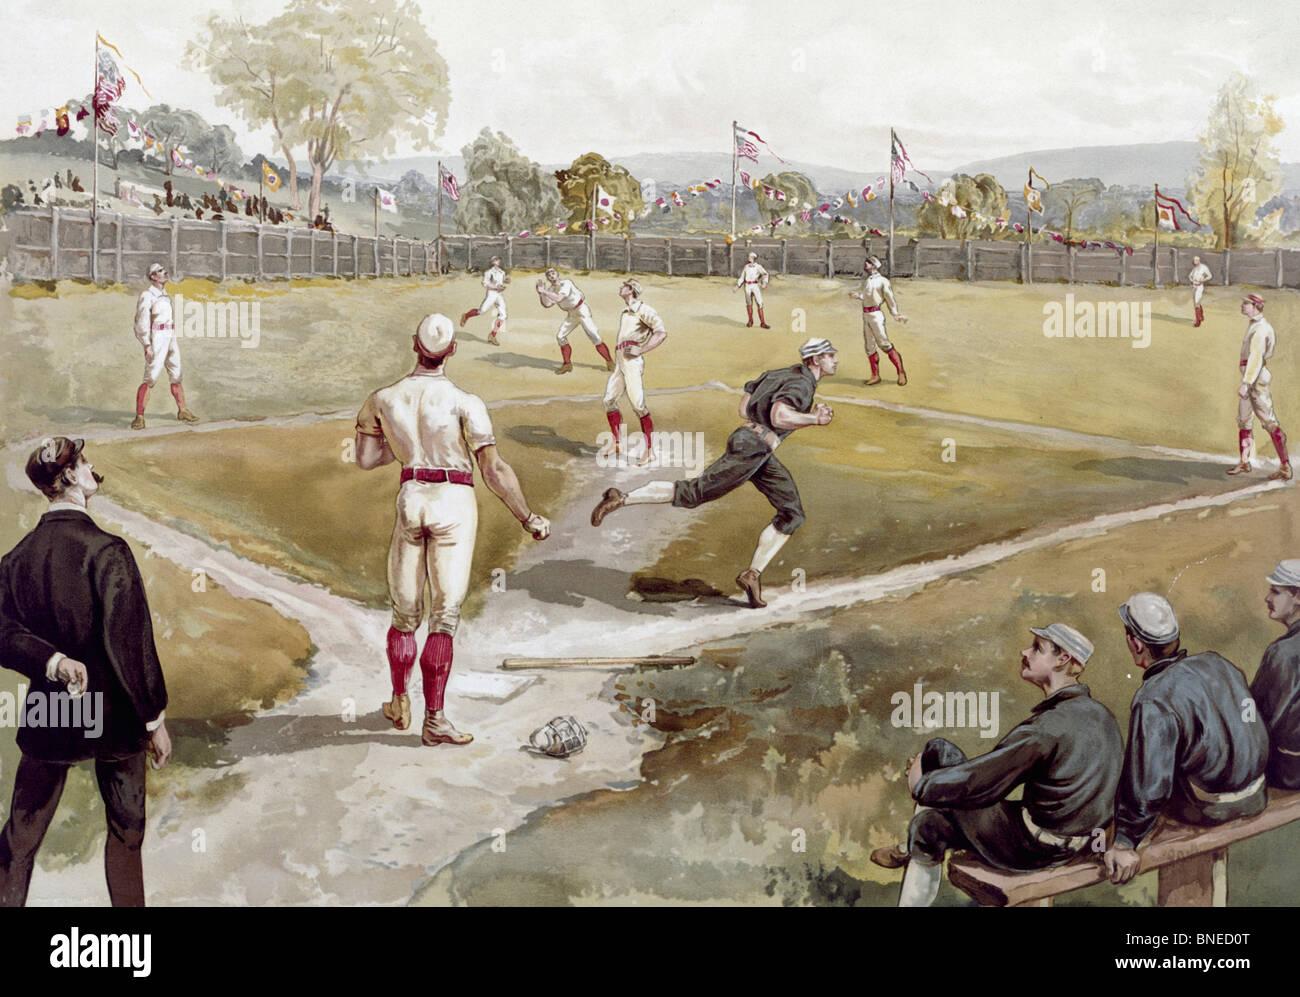 Il baseball, artista sconosciuto, acquerello Immagini Stock